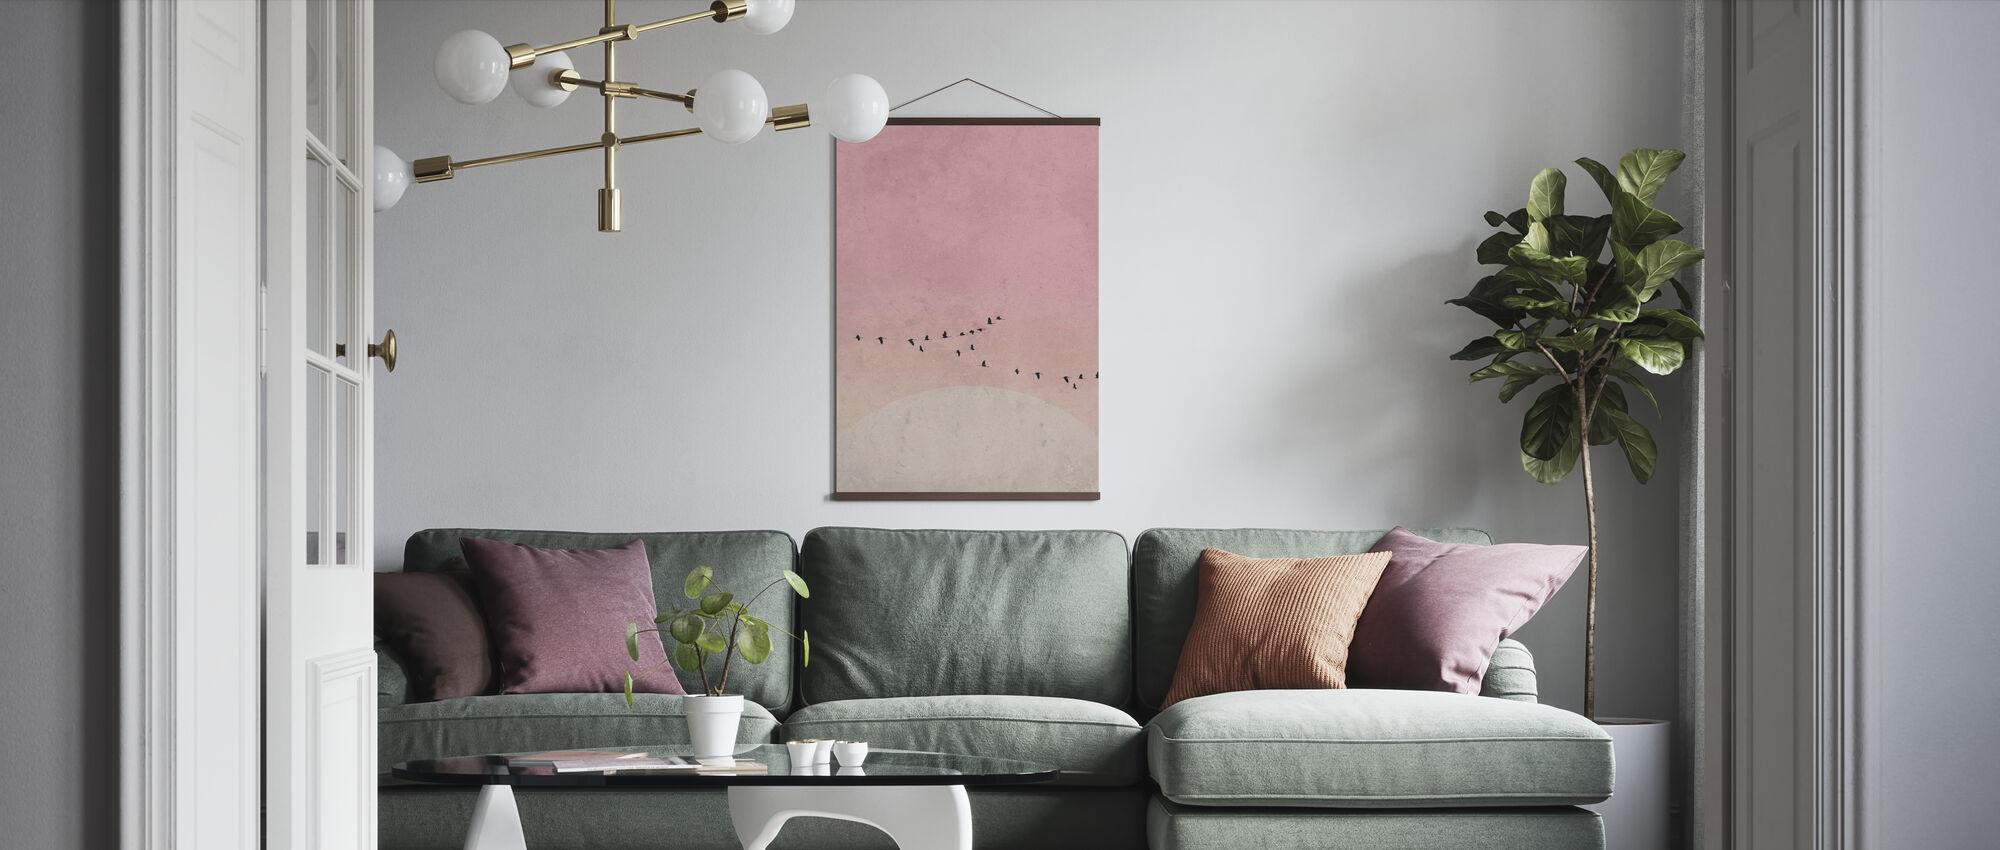 Moonbirds III - Poster - Living Room